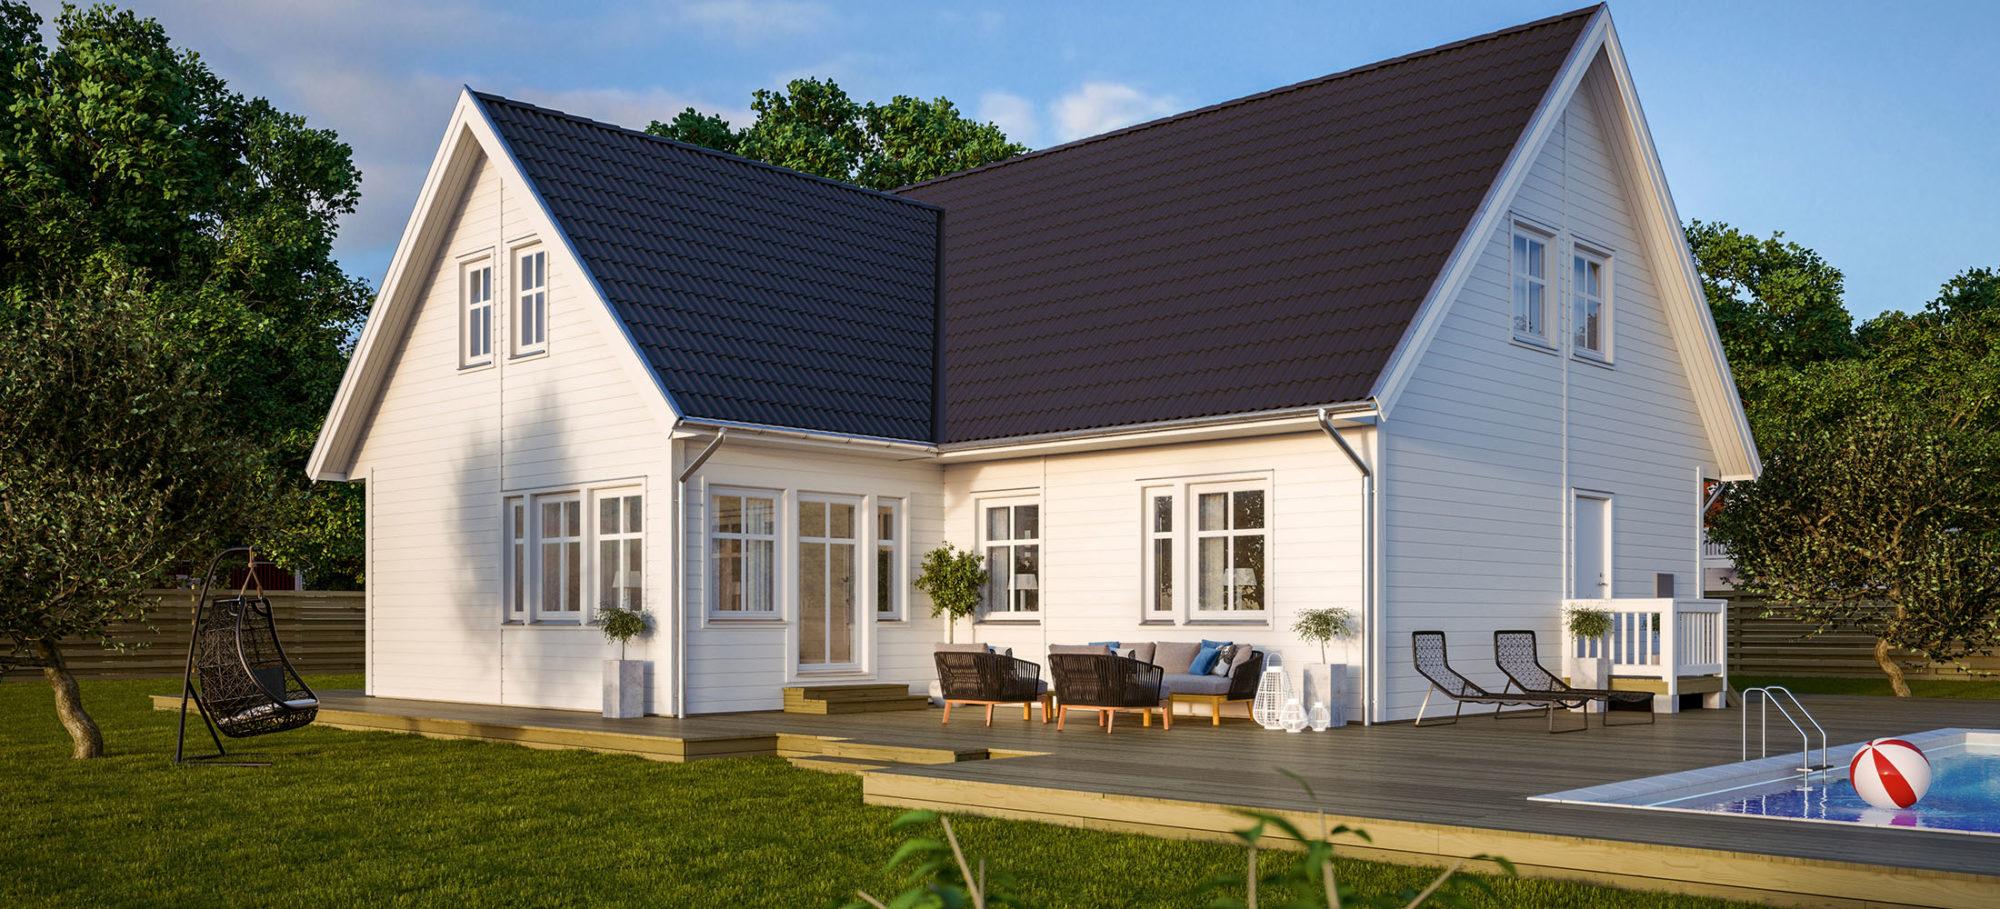 1,5-planshus i vinkel. Vit fasad och svart tak.